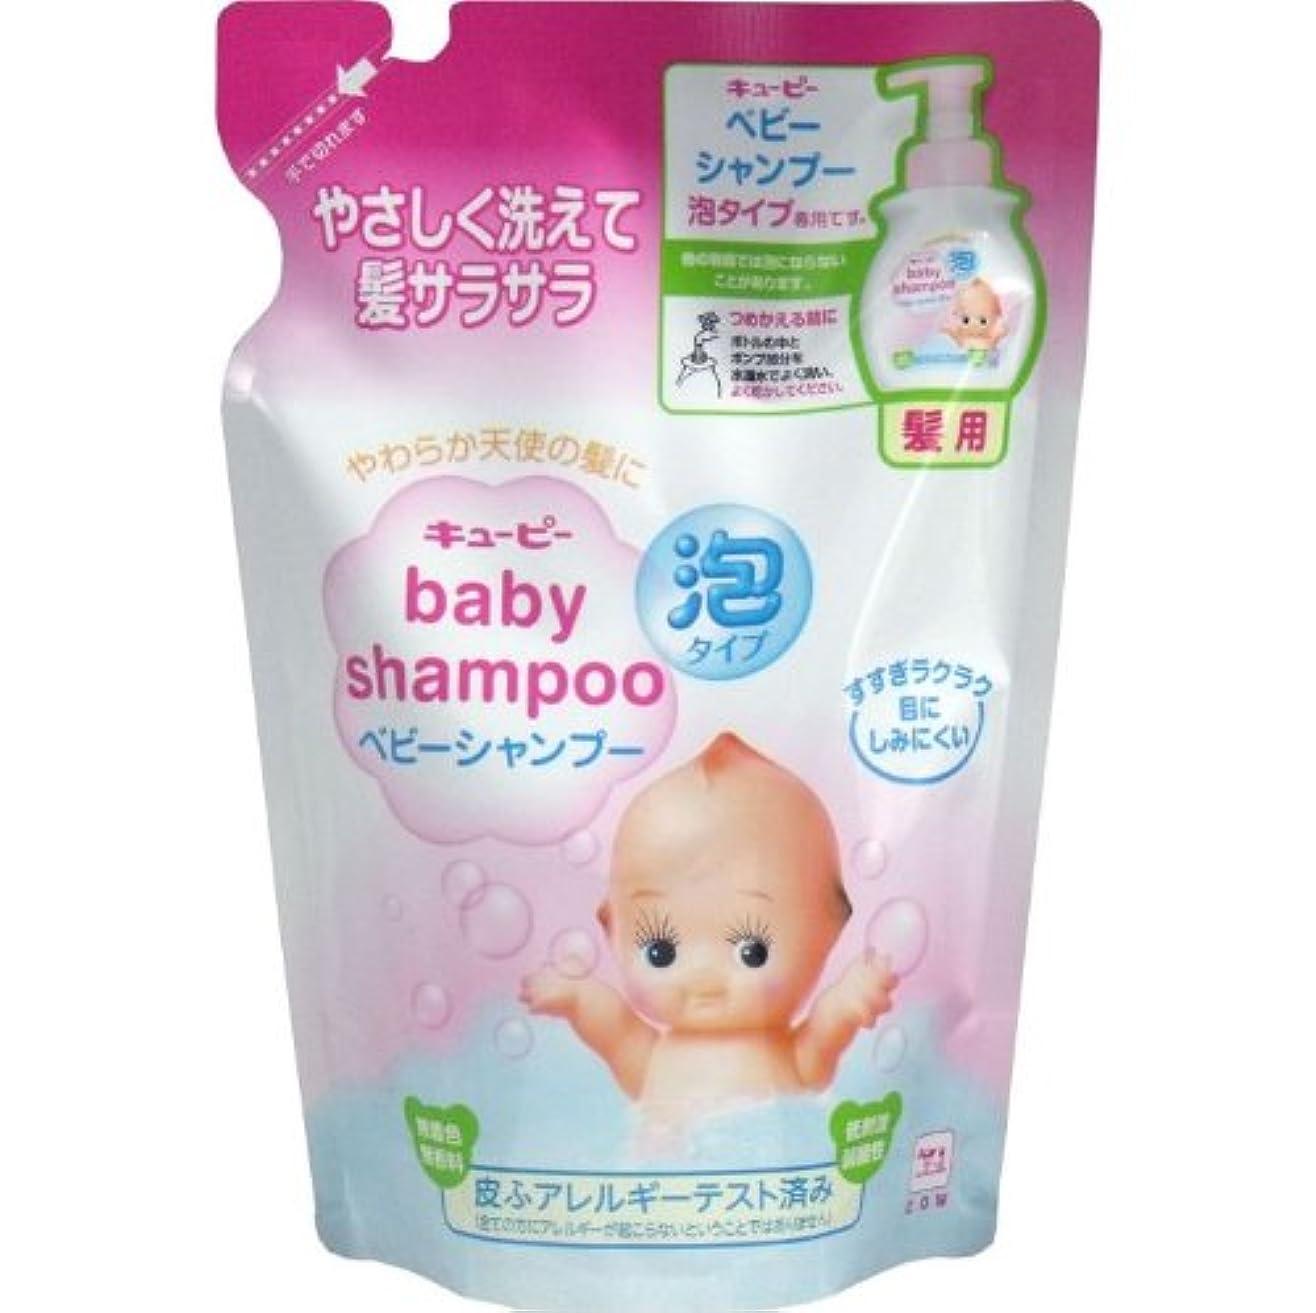 スコットランド人ジェム泥だらけ泡でラクラクやさしく洗える!赤ちゃんの髪をやさしく整え、地肌もすこやか 詰替用 300mL【5個セット】